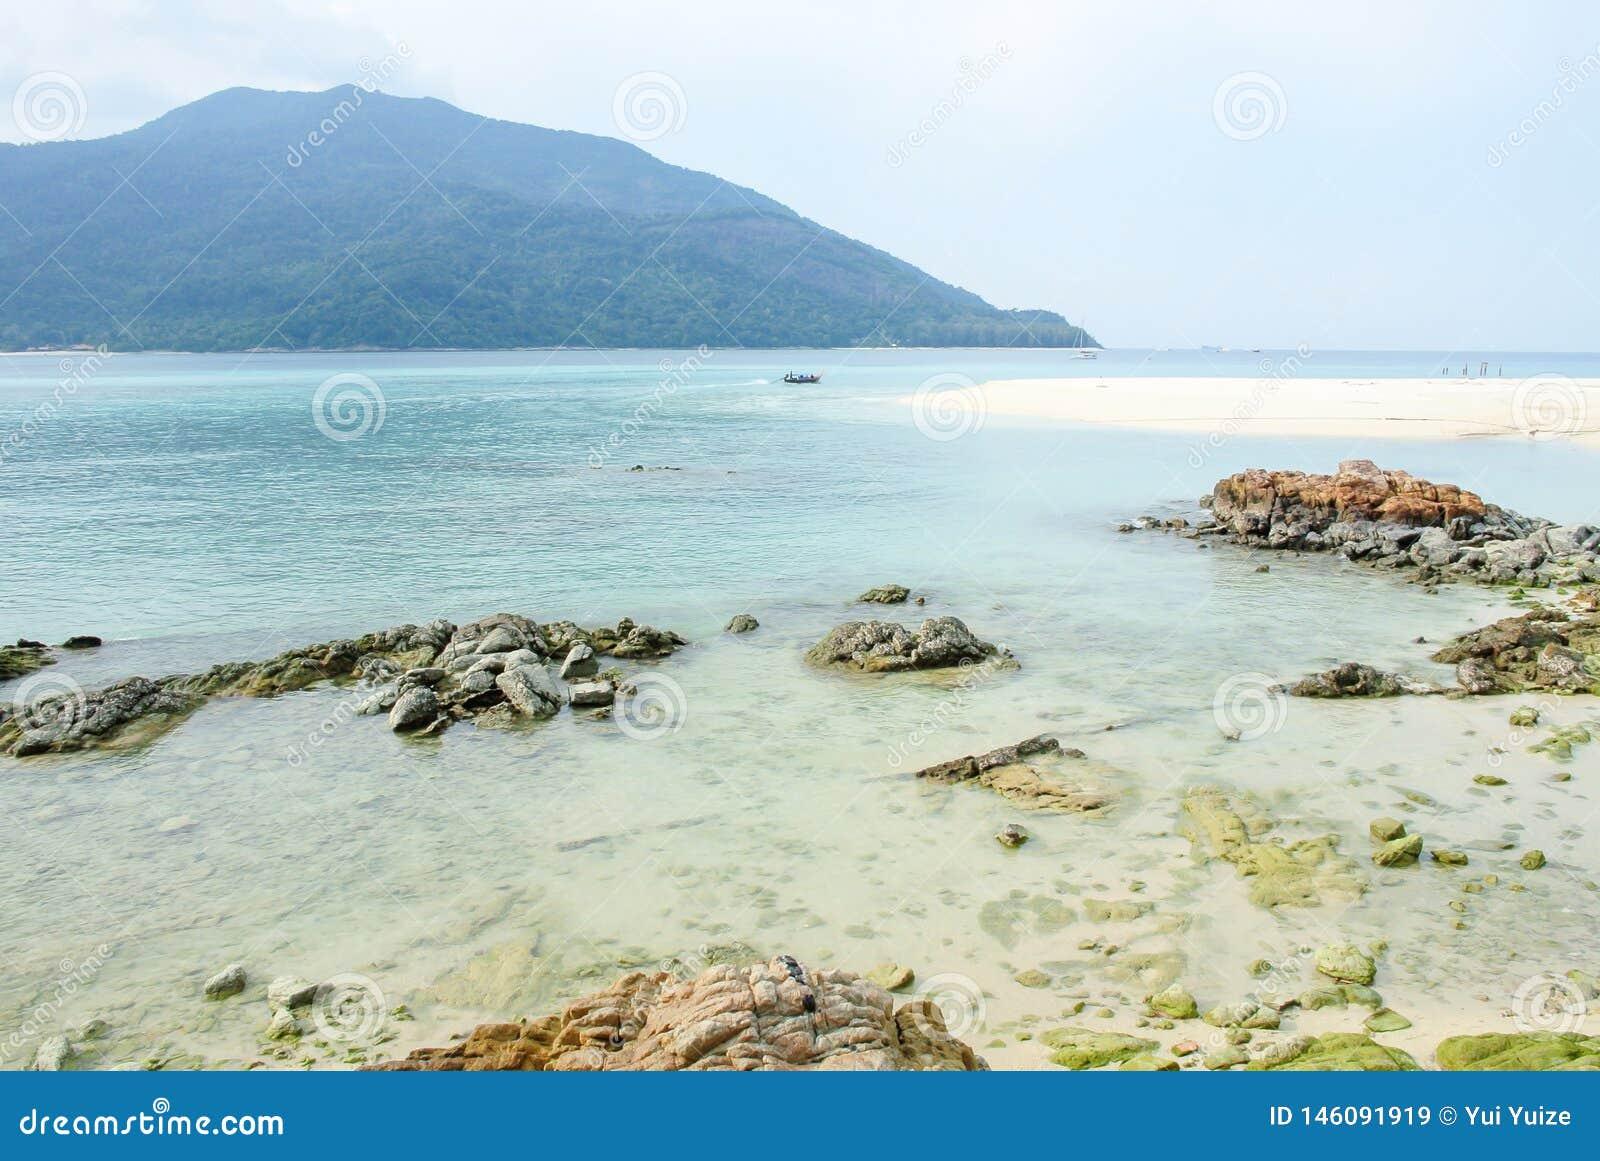 Overzees tropisch landschap met bergen en rotsen